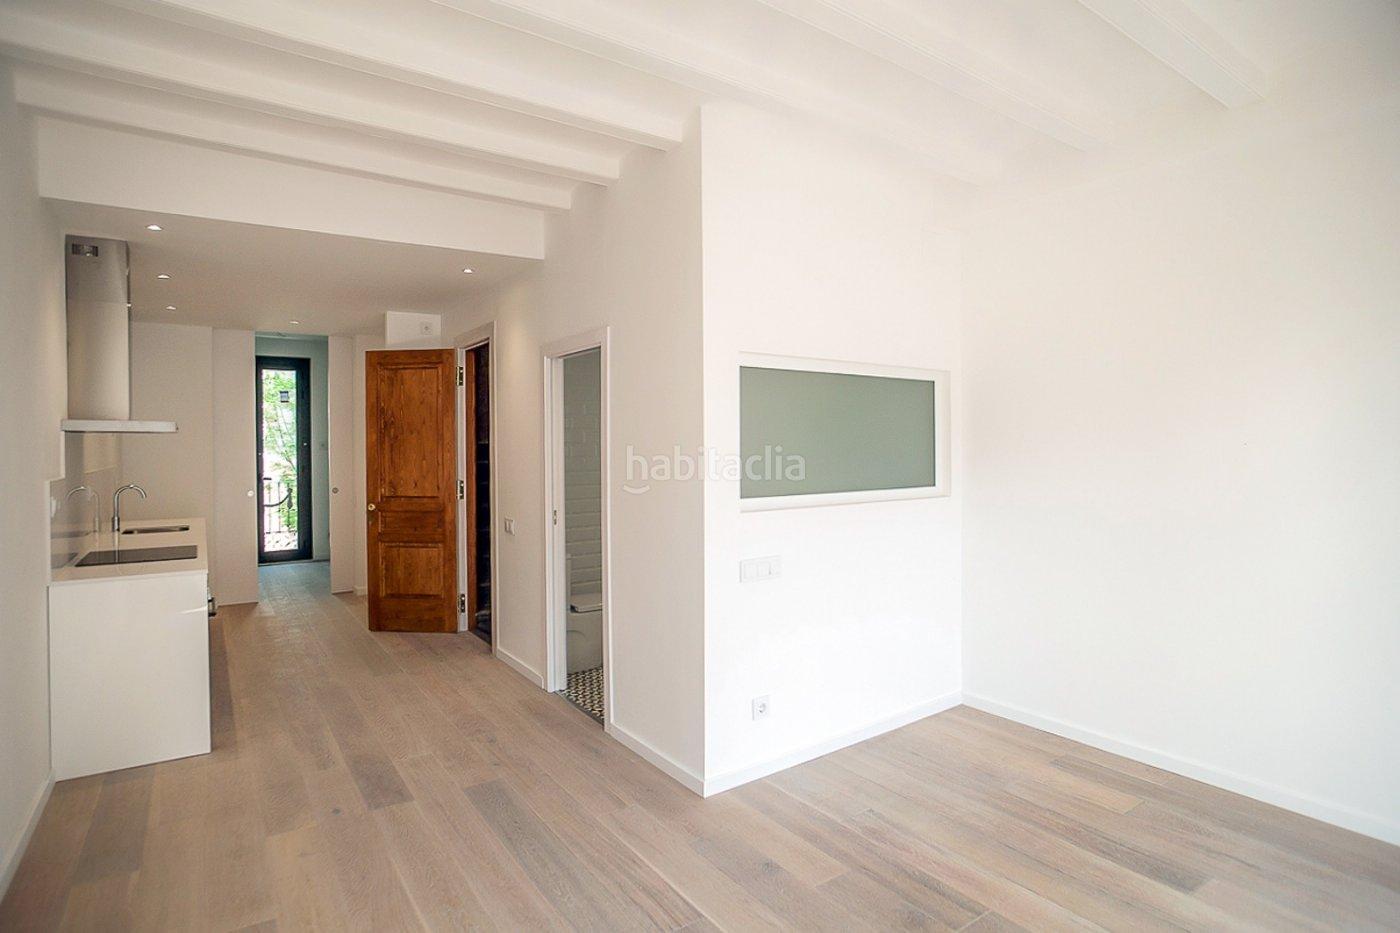 Alquiler piso por en vila de gracia con encanto en - Piso particular en alquiler barcelona ...